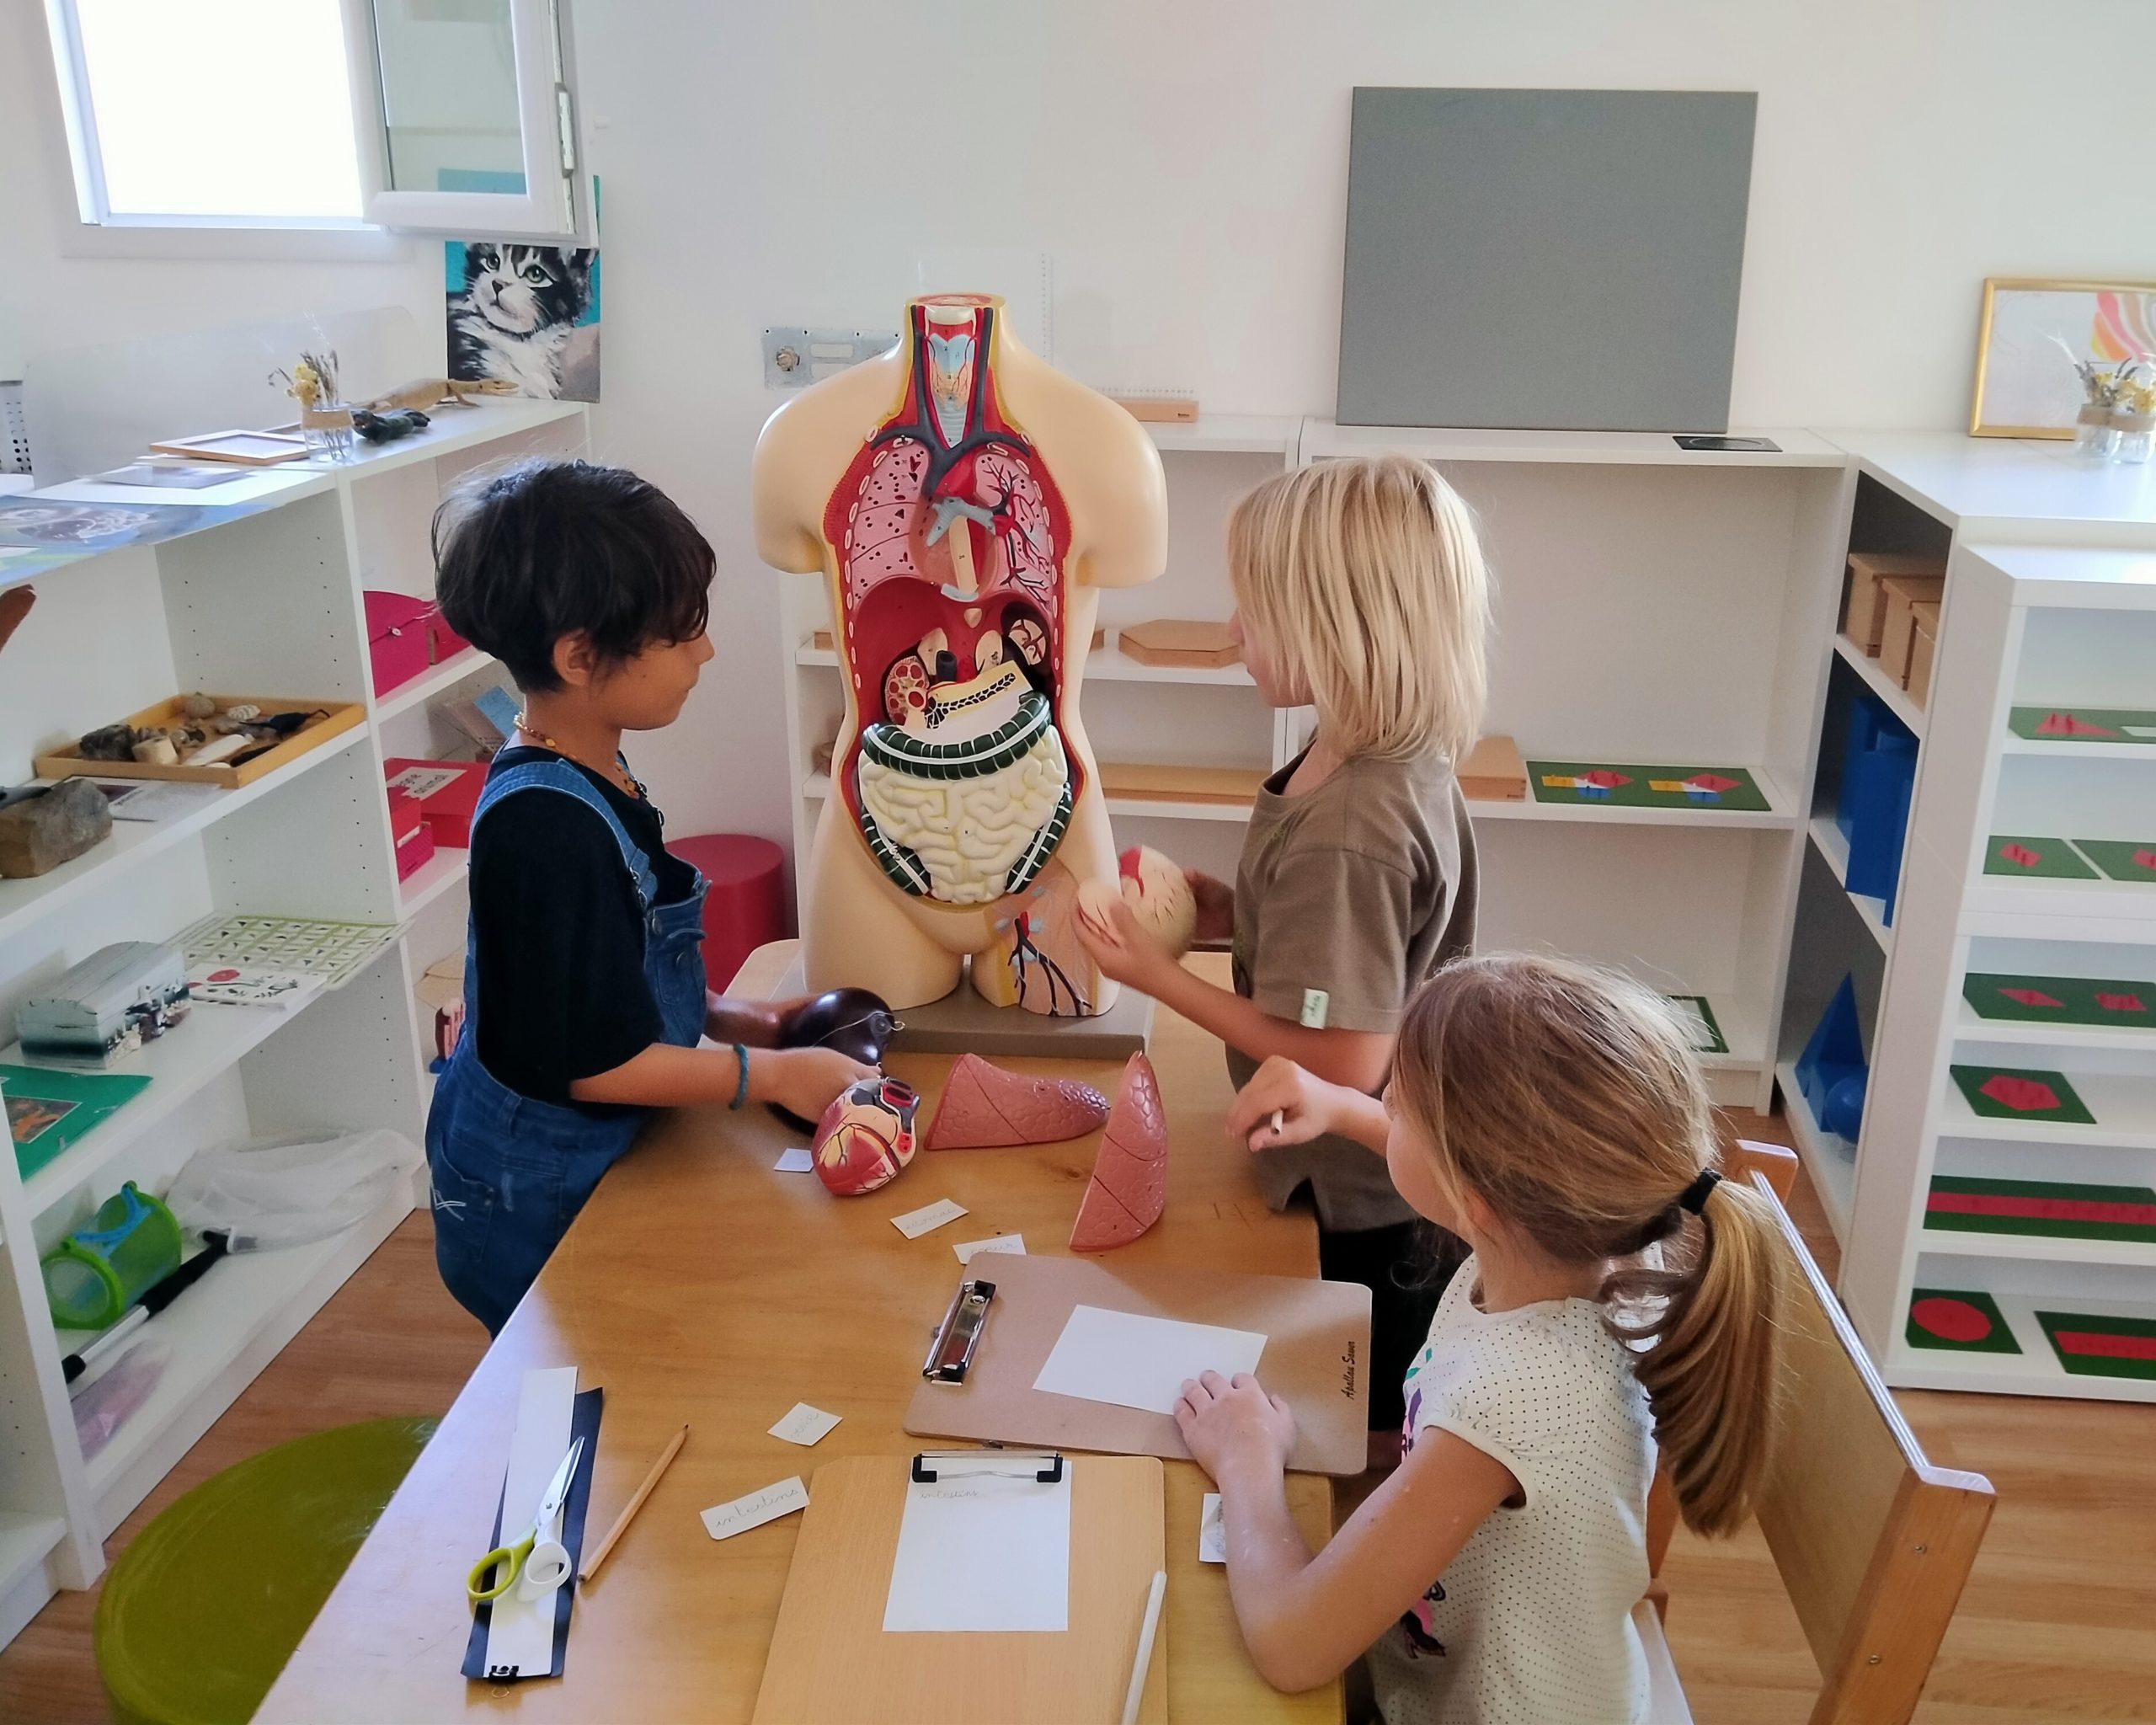 3 enfants autour d'un corps humain en plastique